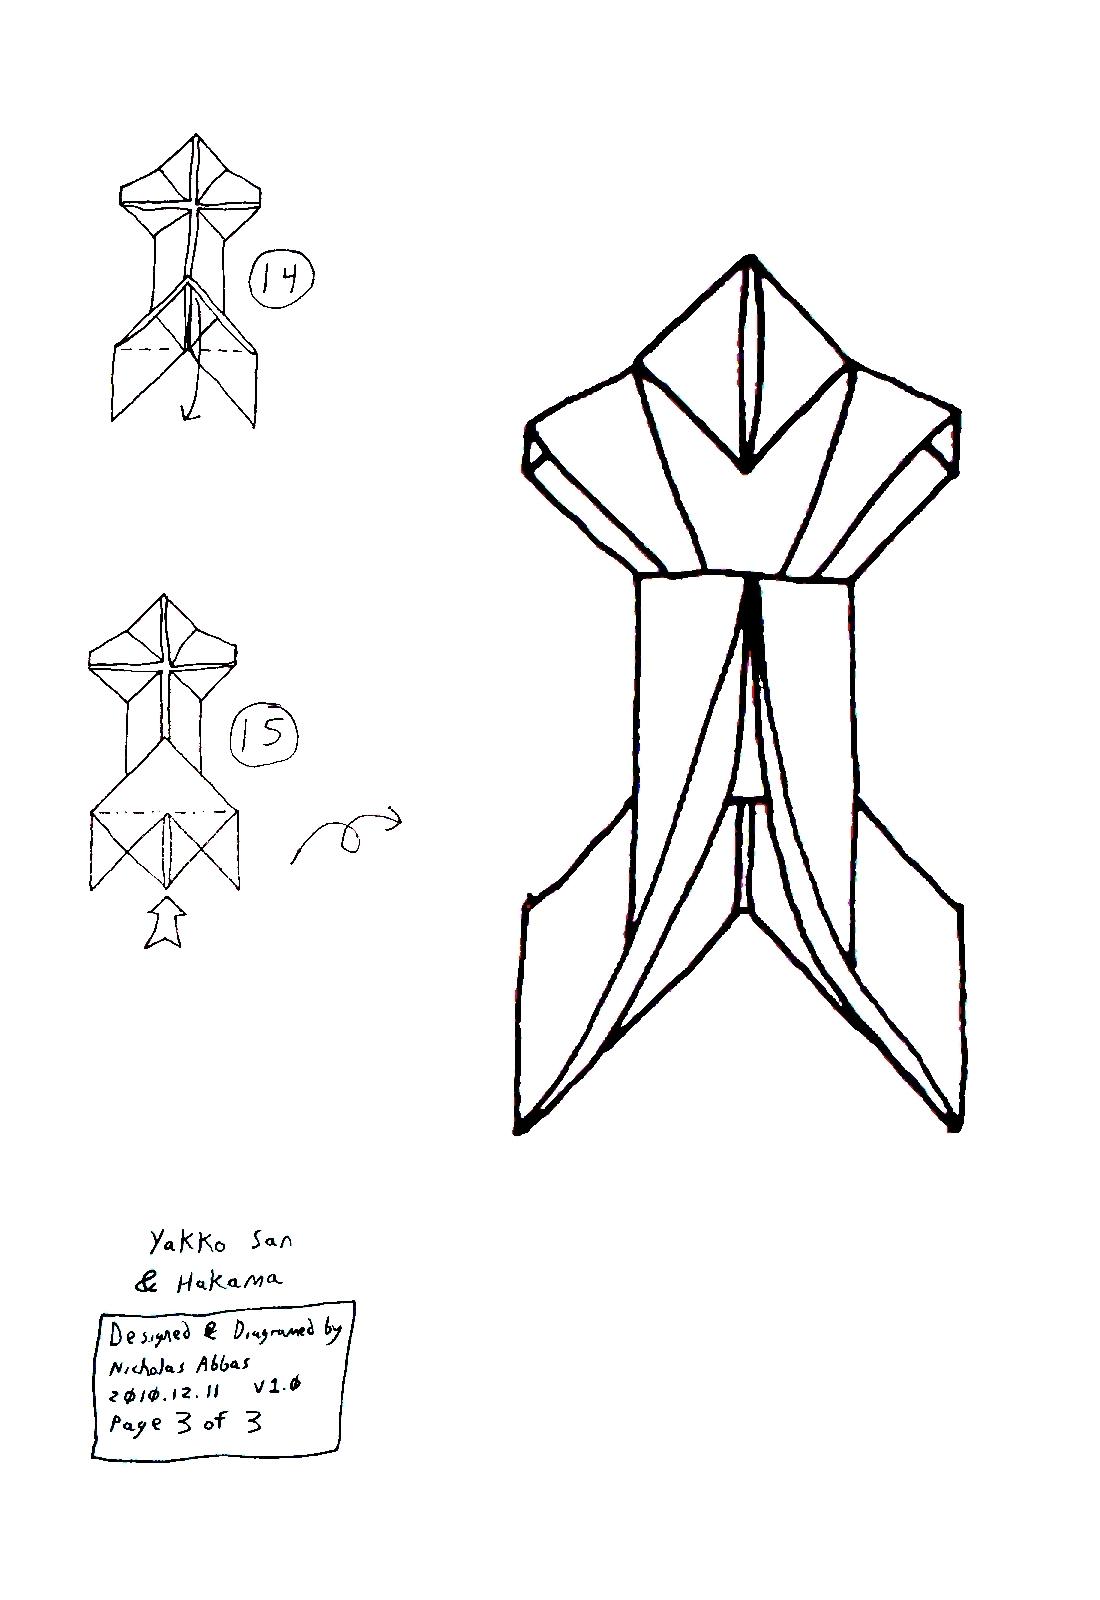 A Crisp Fold New Diagrams